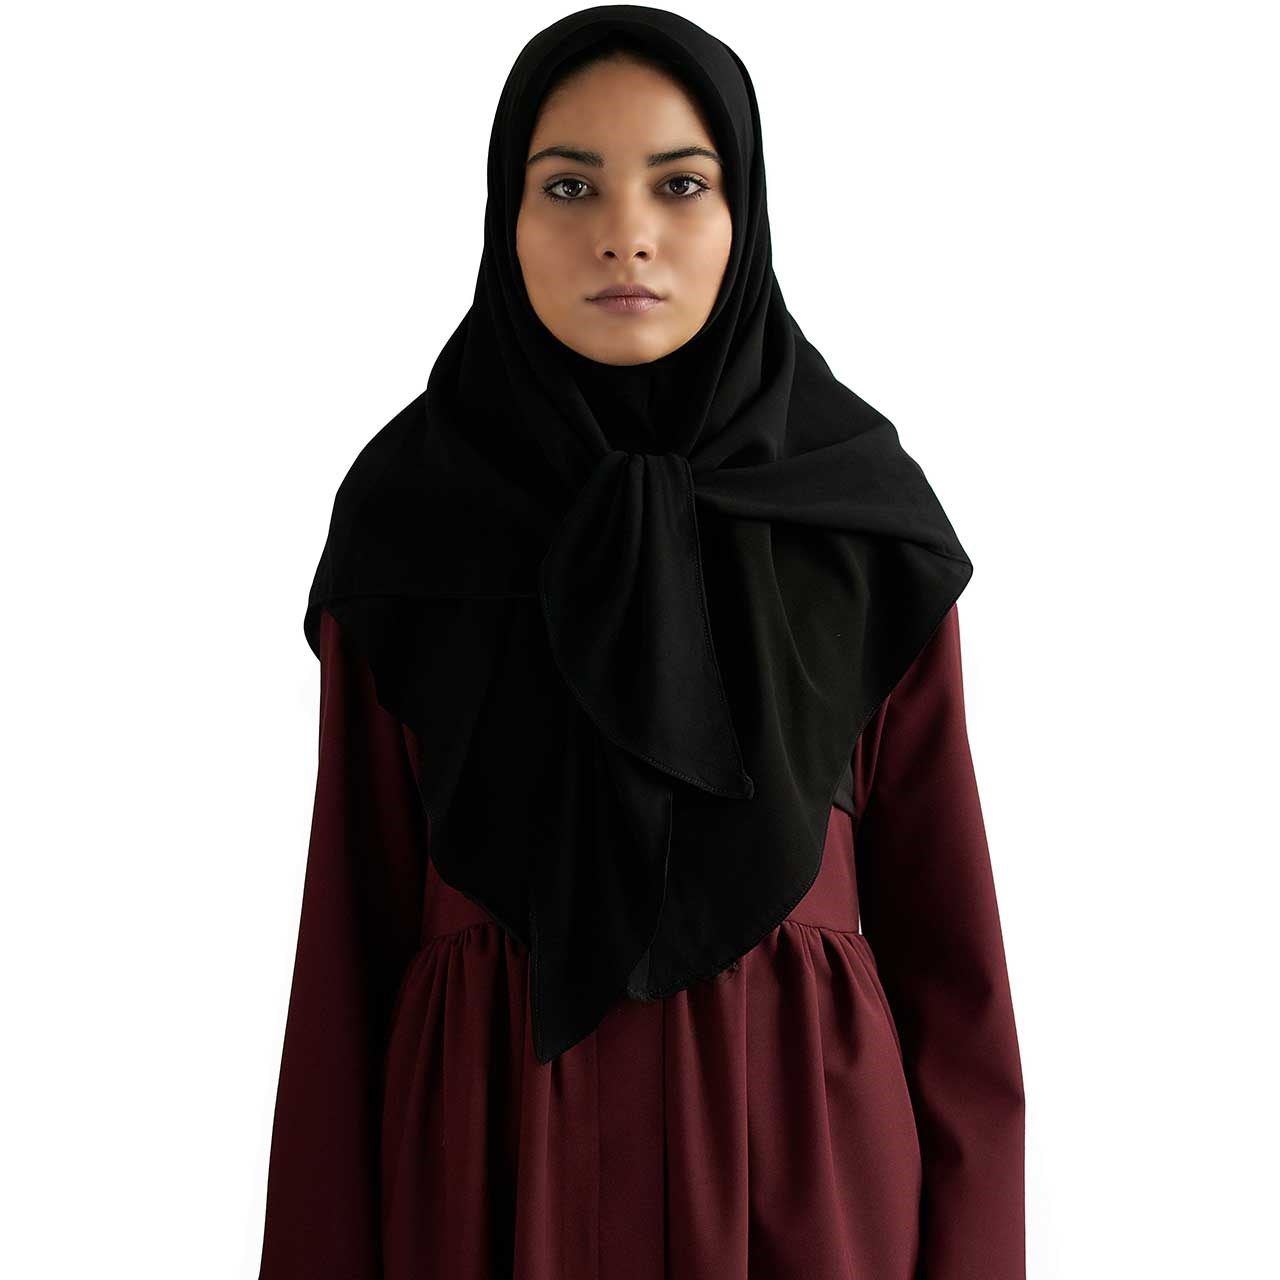 مقنعه فرشته حجاب فاطمی مدل 203020